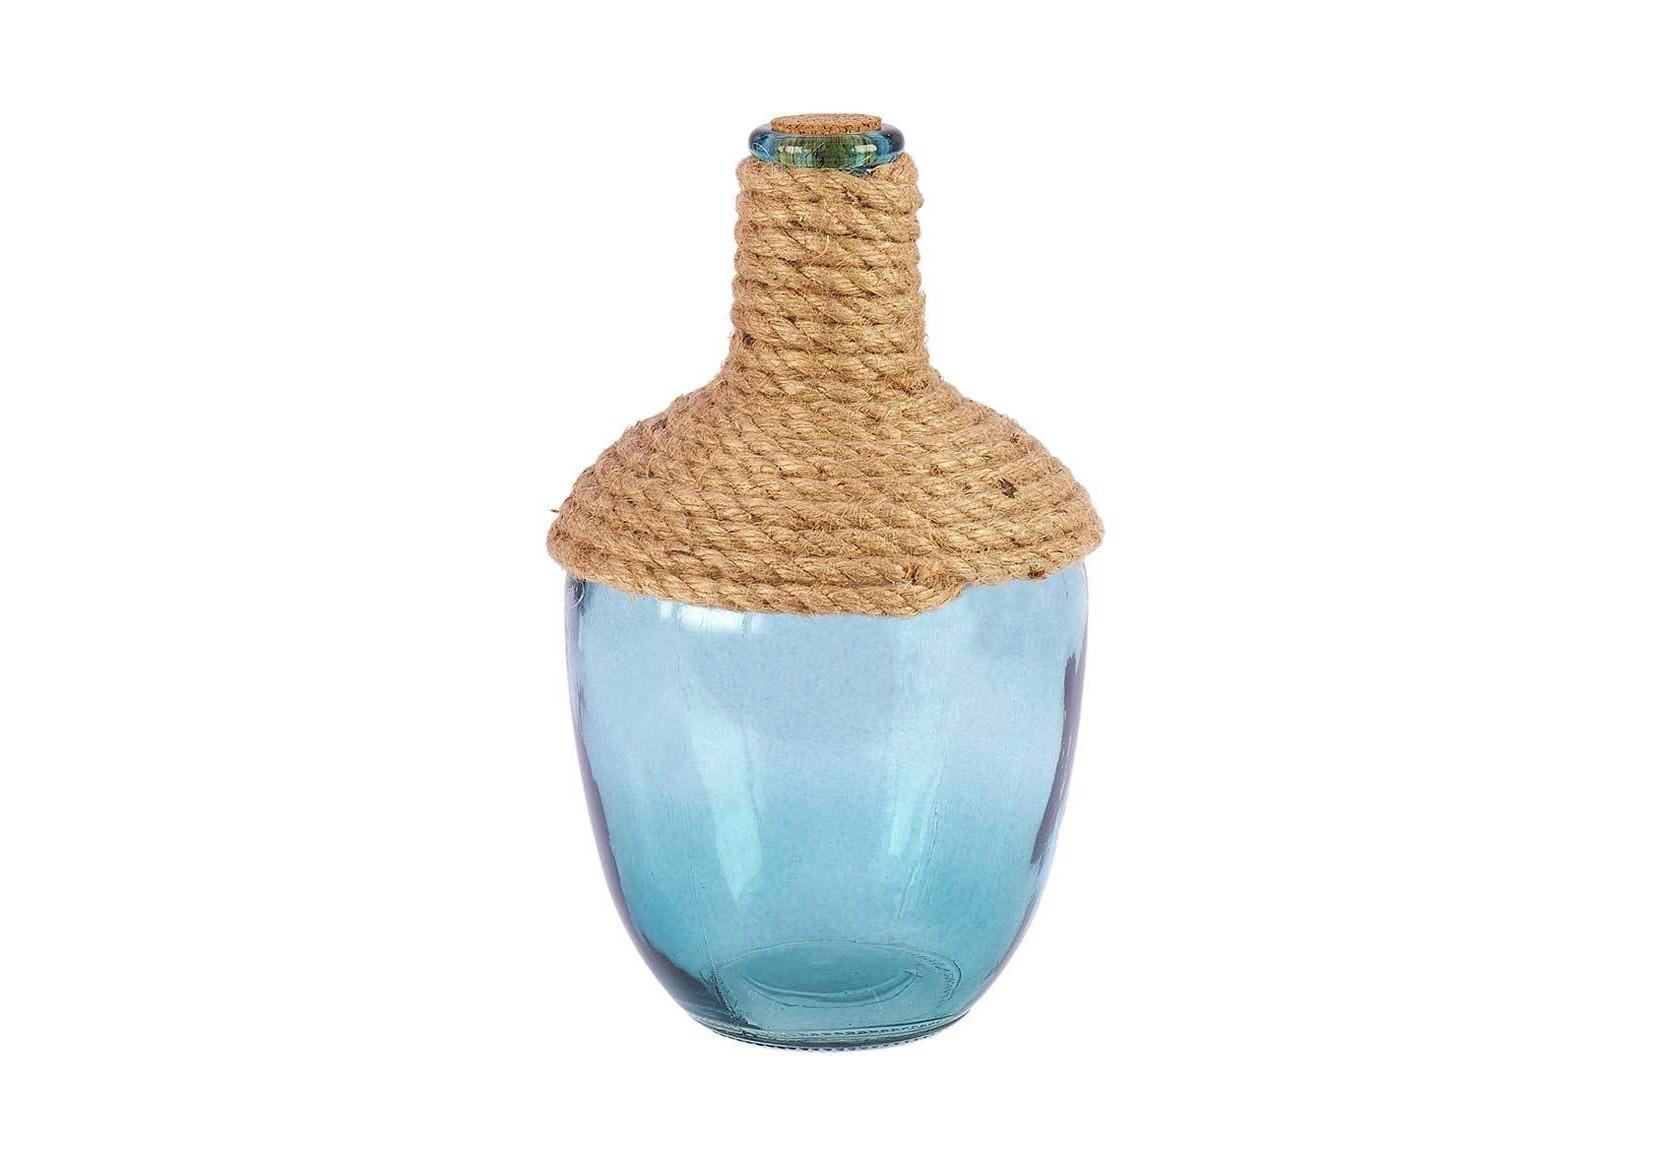 Бутыль San Nicol?s de los ArroyosВазы<br><br><br>Material: Стекло<br>Высота см: 26